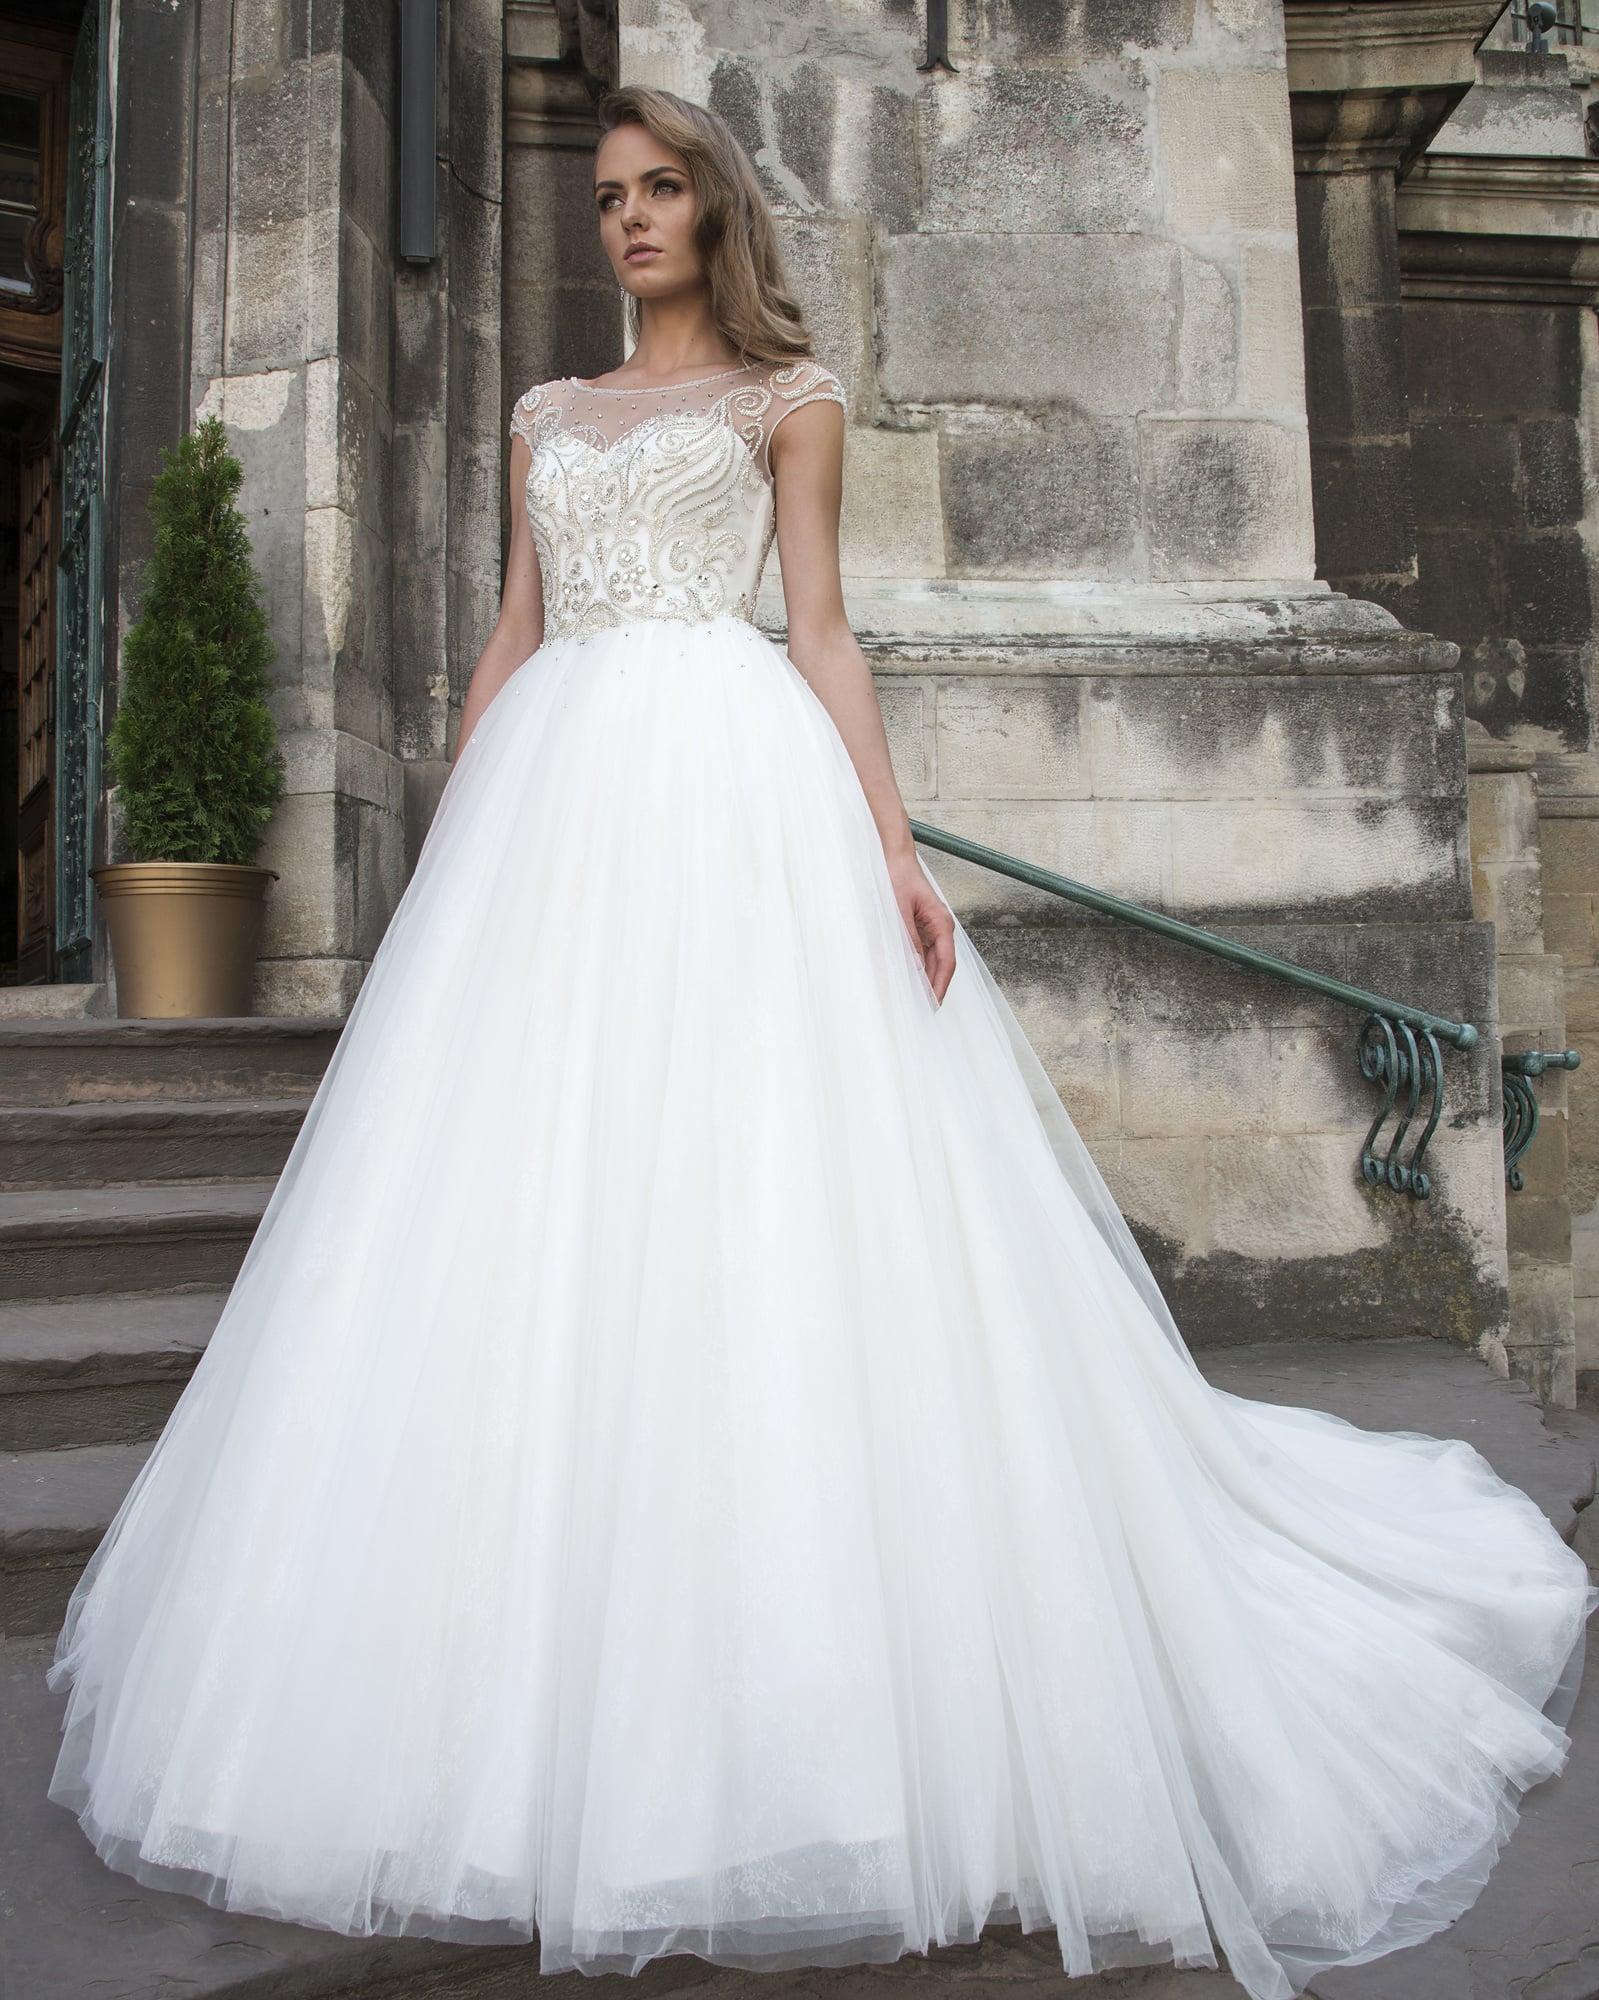 97e34e03c1b Потрясающее свадебное платье с воздушным подолом и бисерной вышивкой по  корсету.